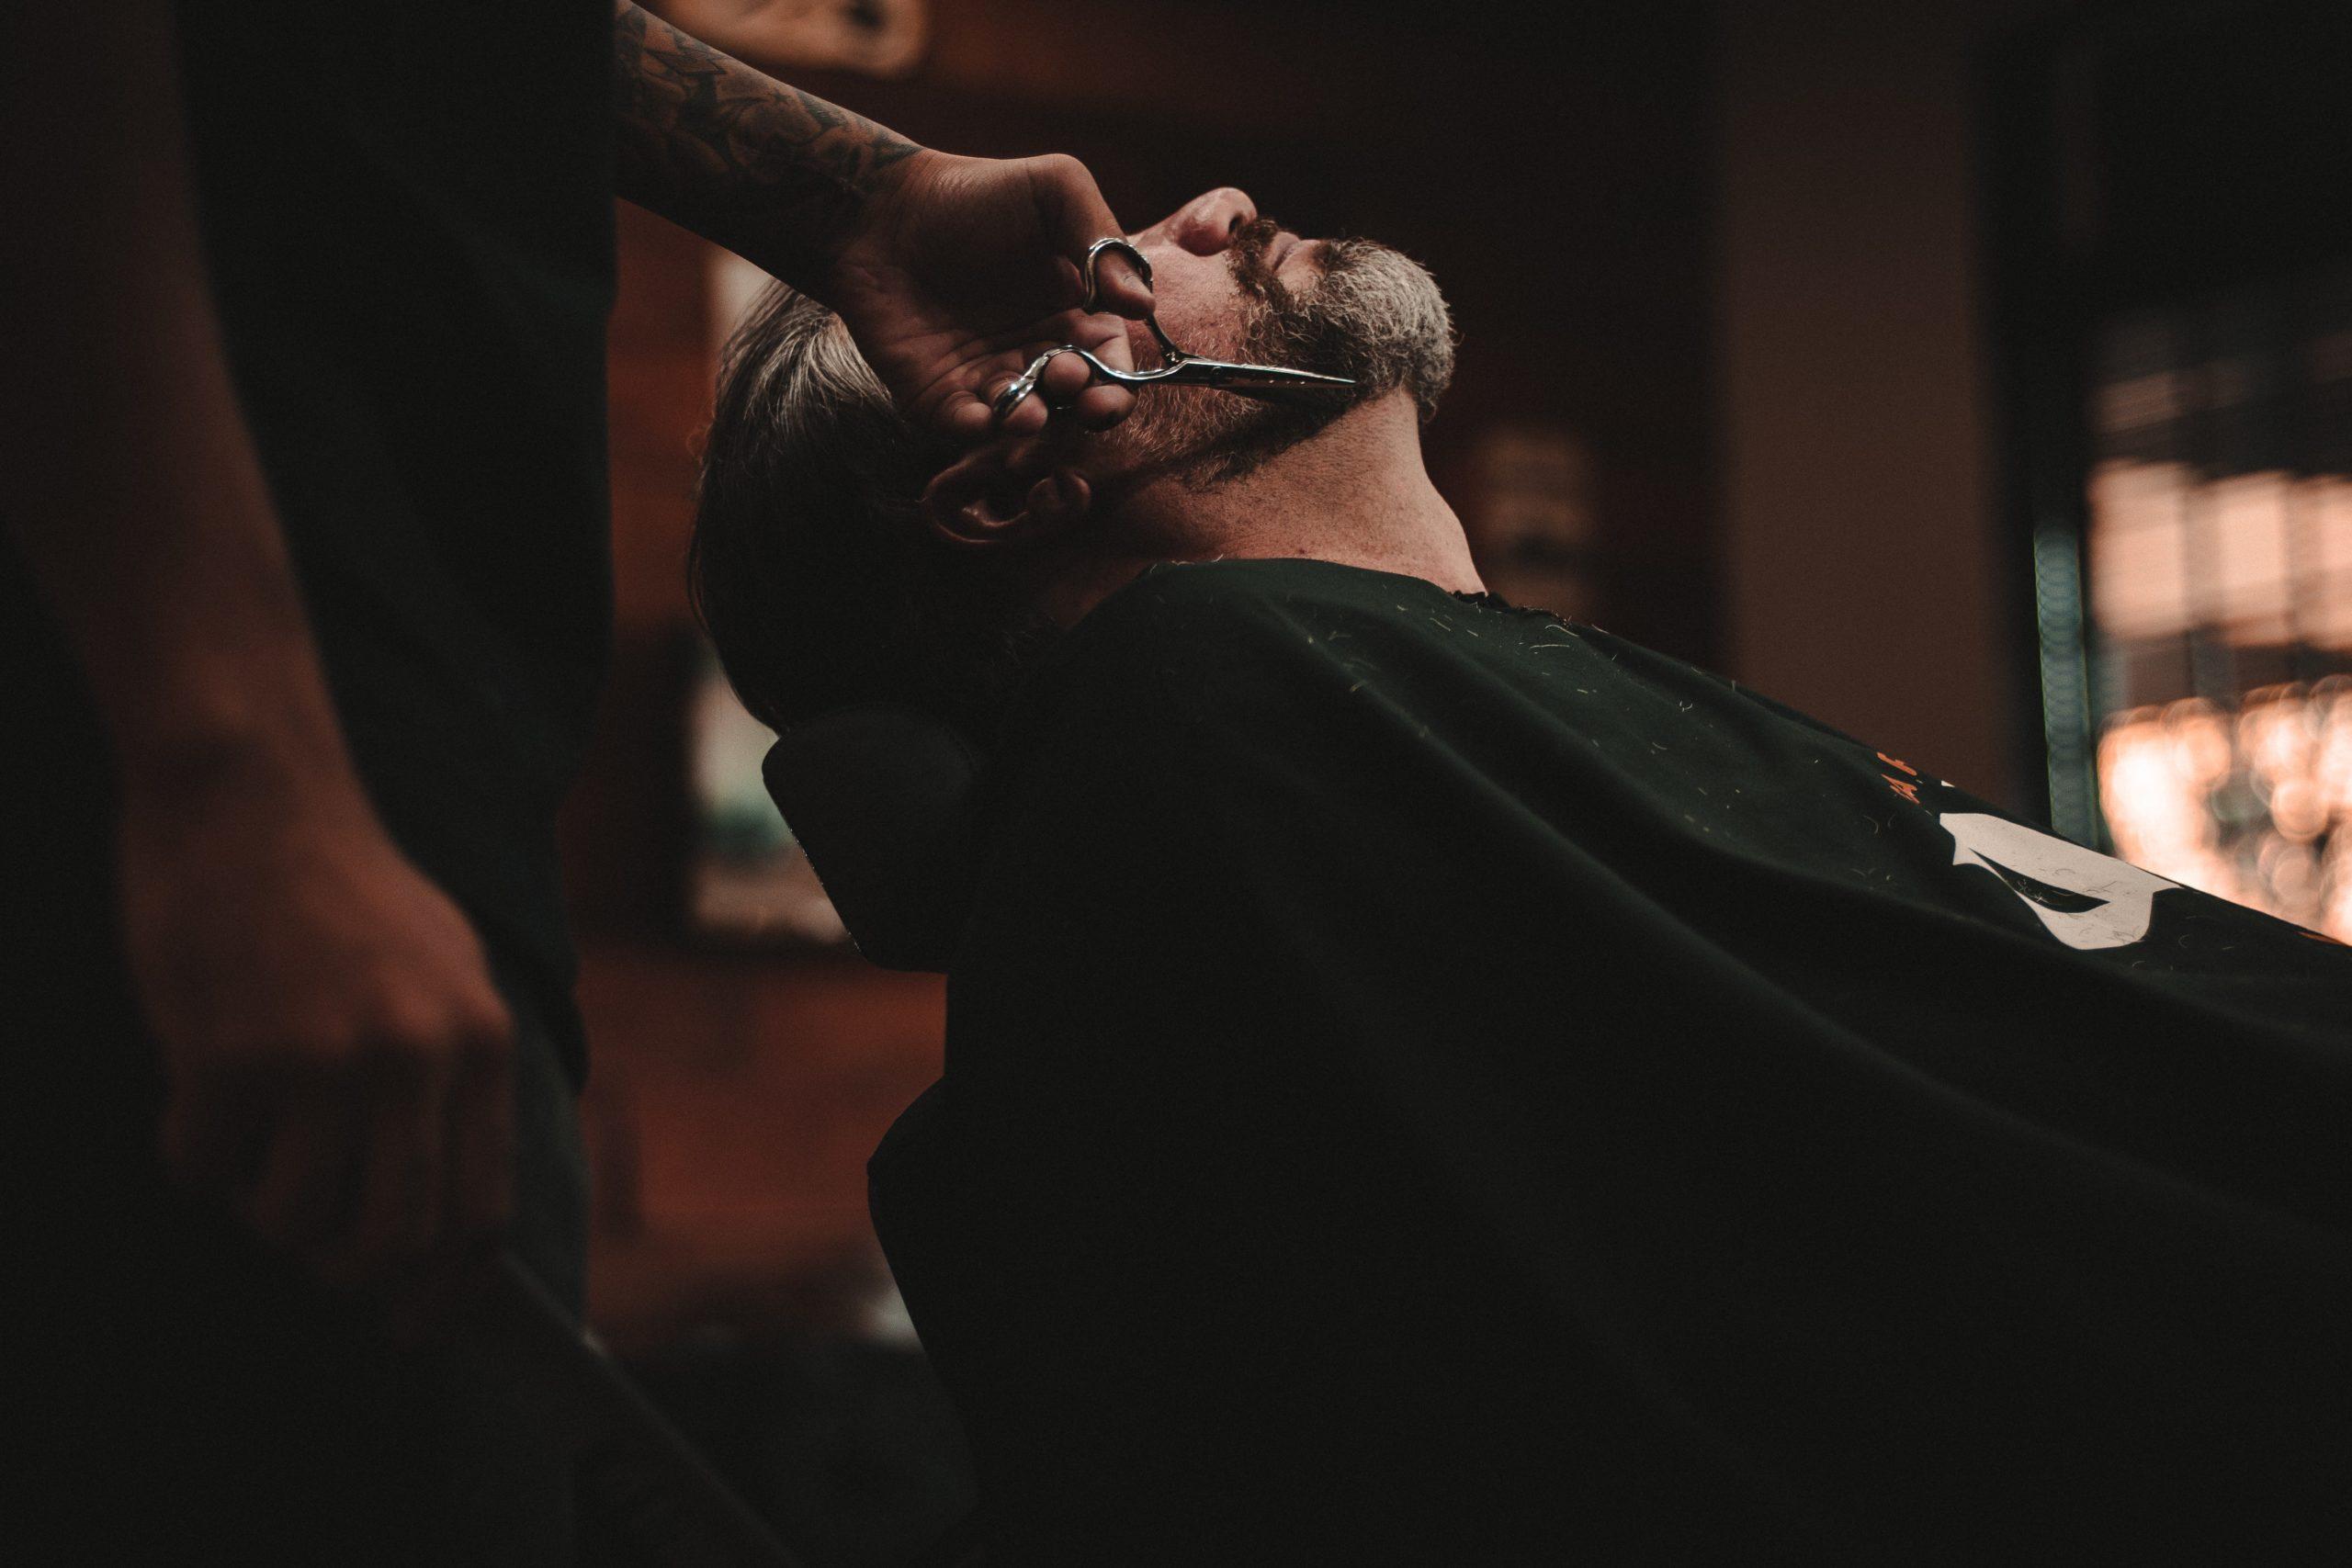 Définir les contours du cou